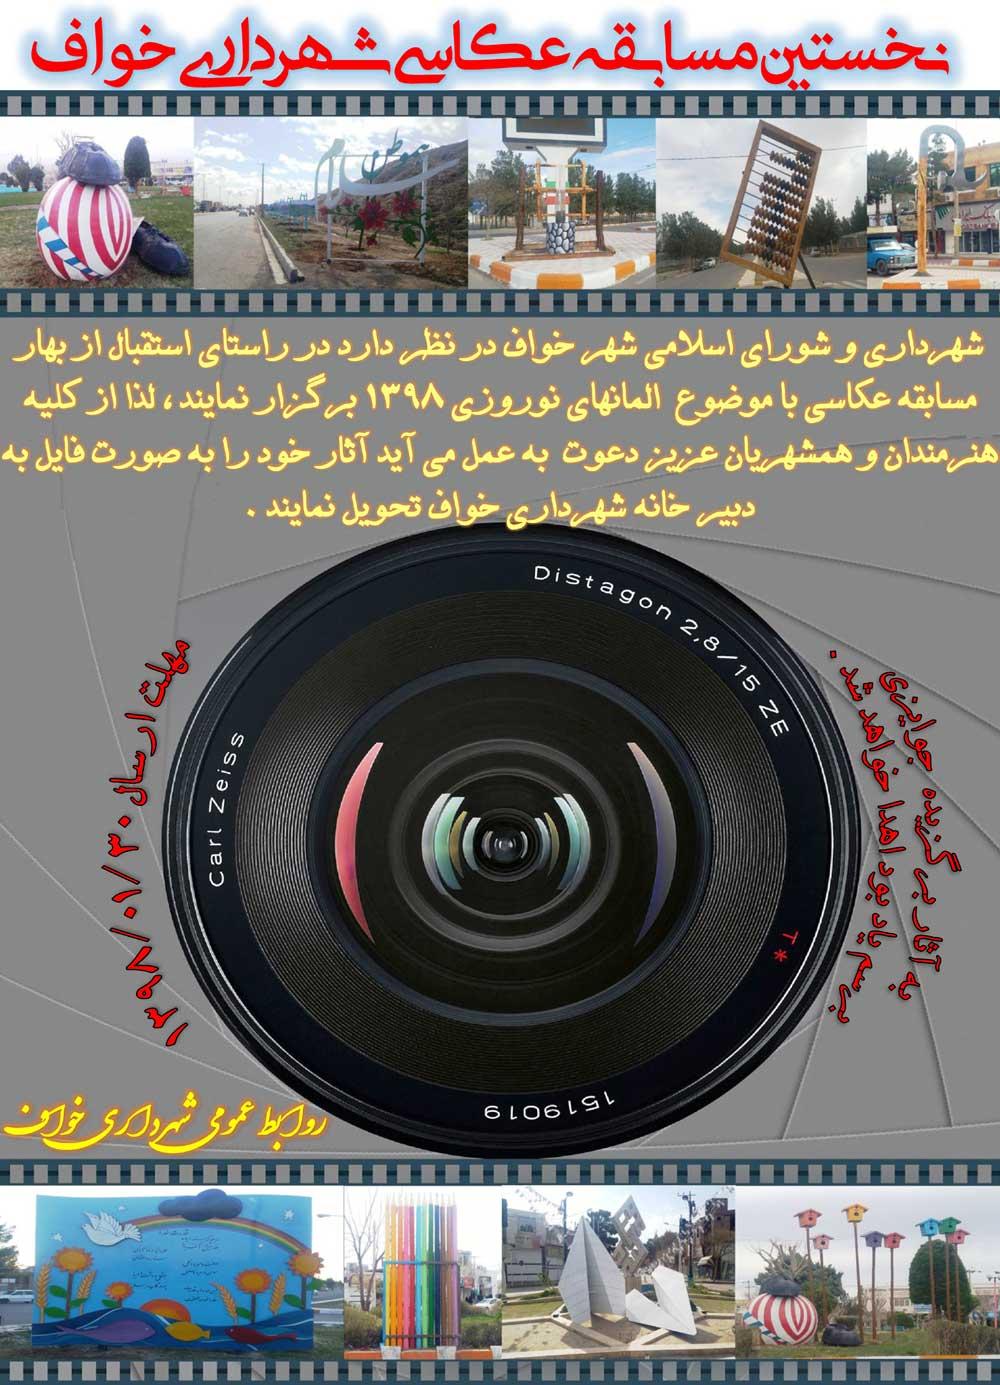 نخستین مسابقه عکاسی شهرداری خواف با موضوع المان های نوروزی